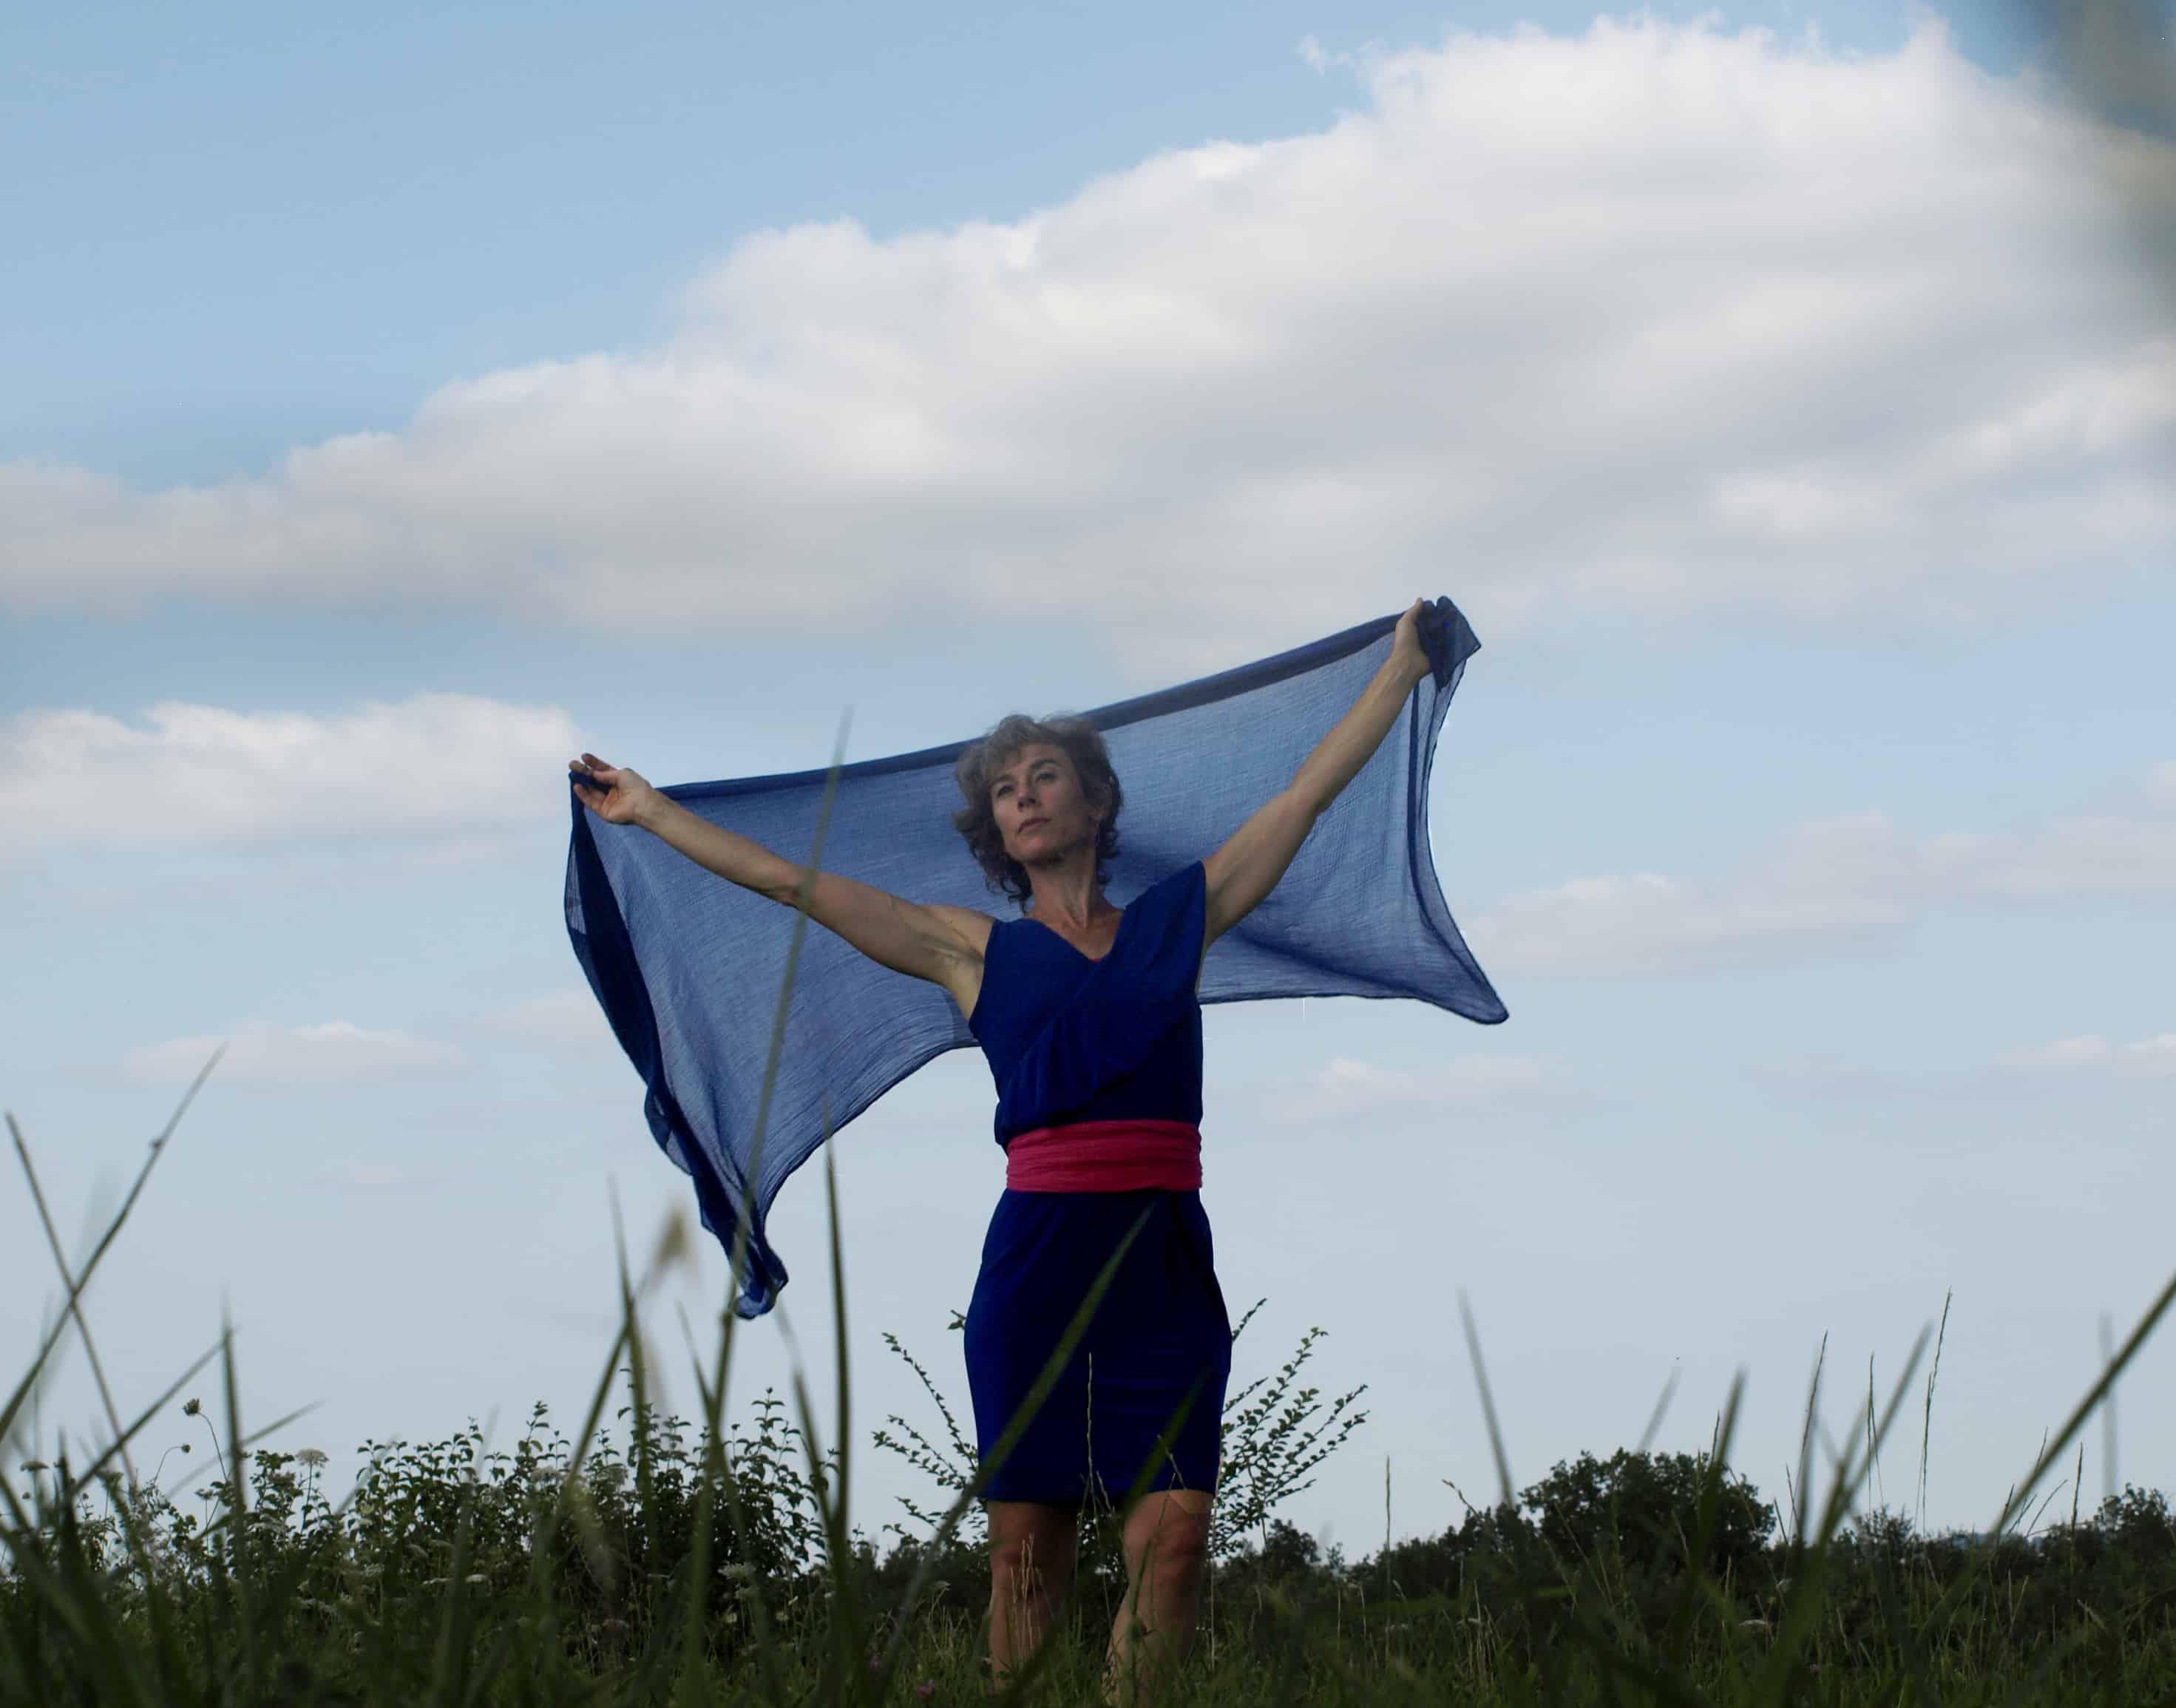 Portr Anne-Rose Lovink avec foulard aérienait